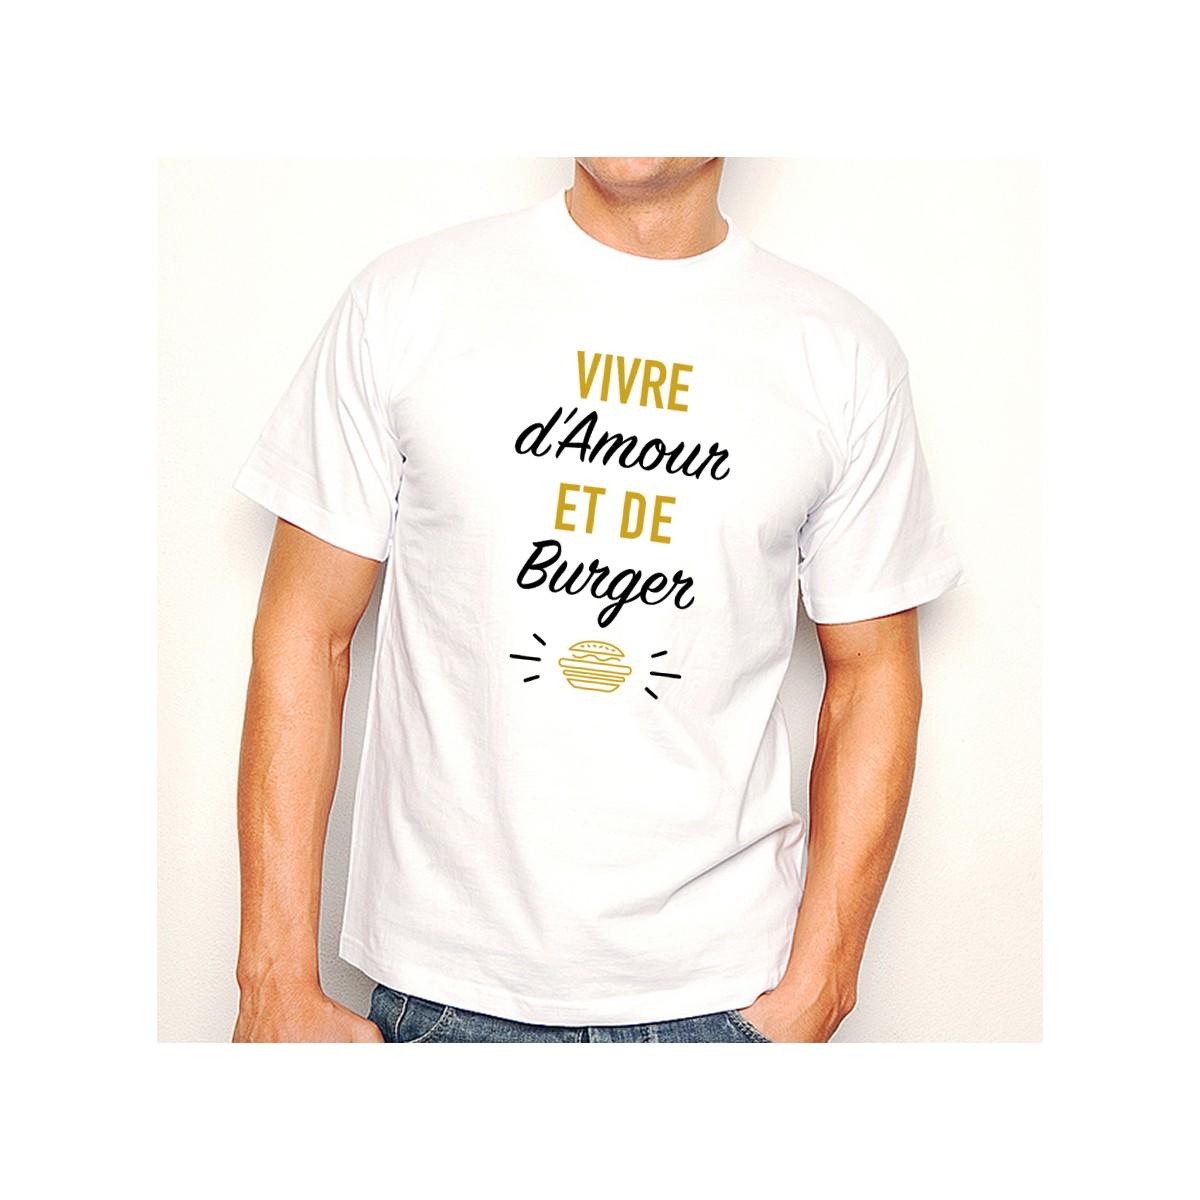 T-shirt Vivre d'Amour et de Burger